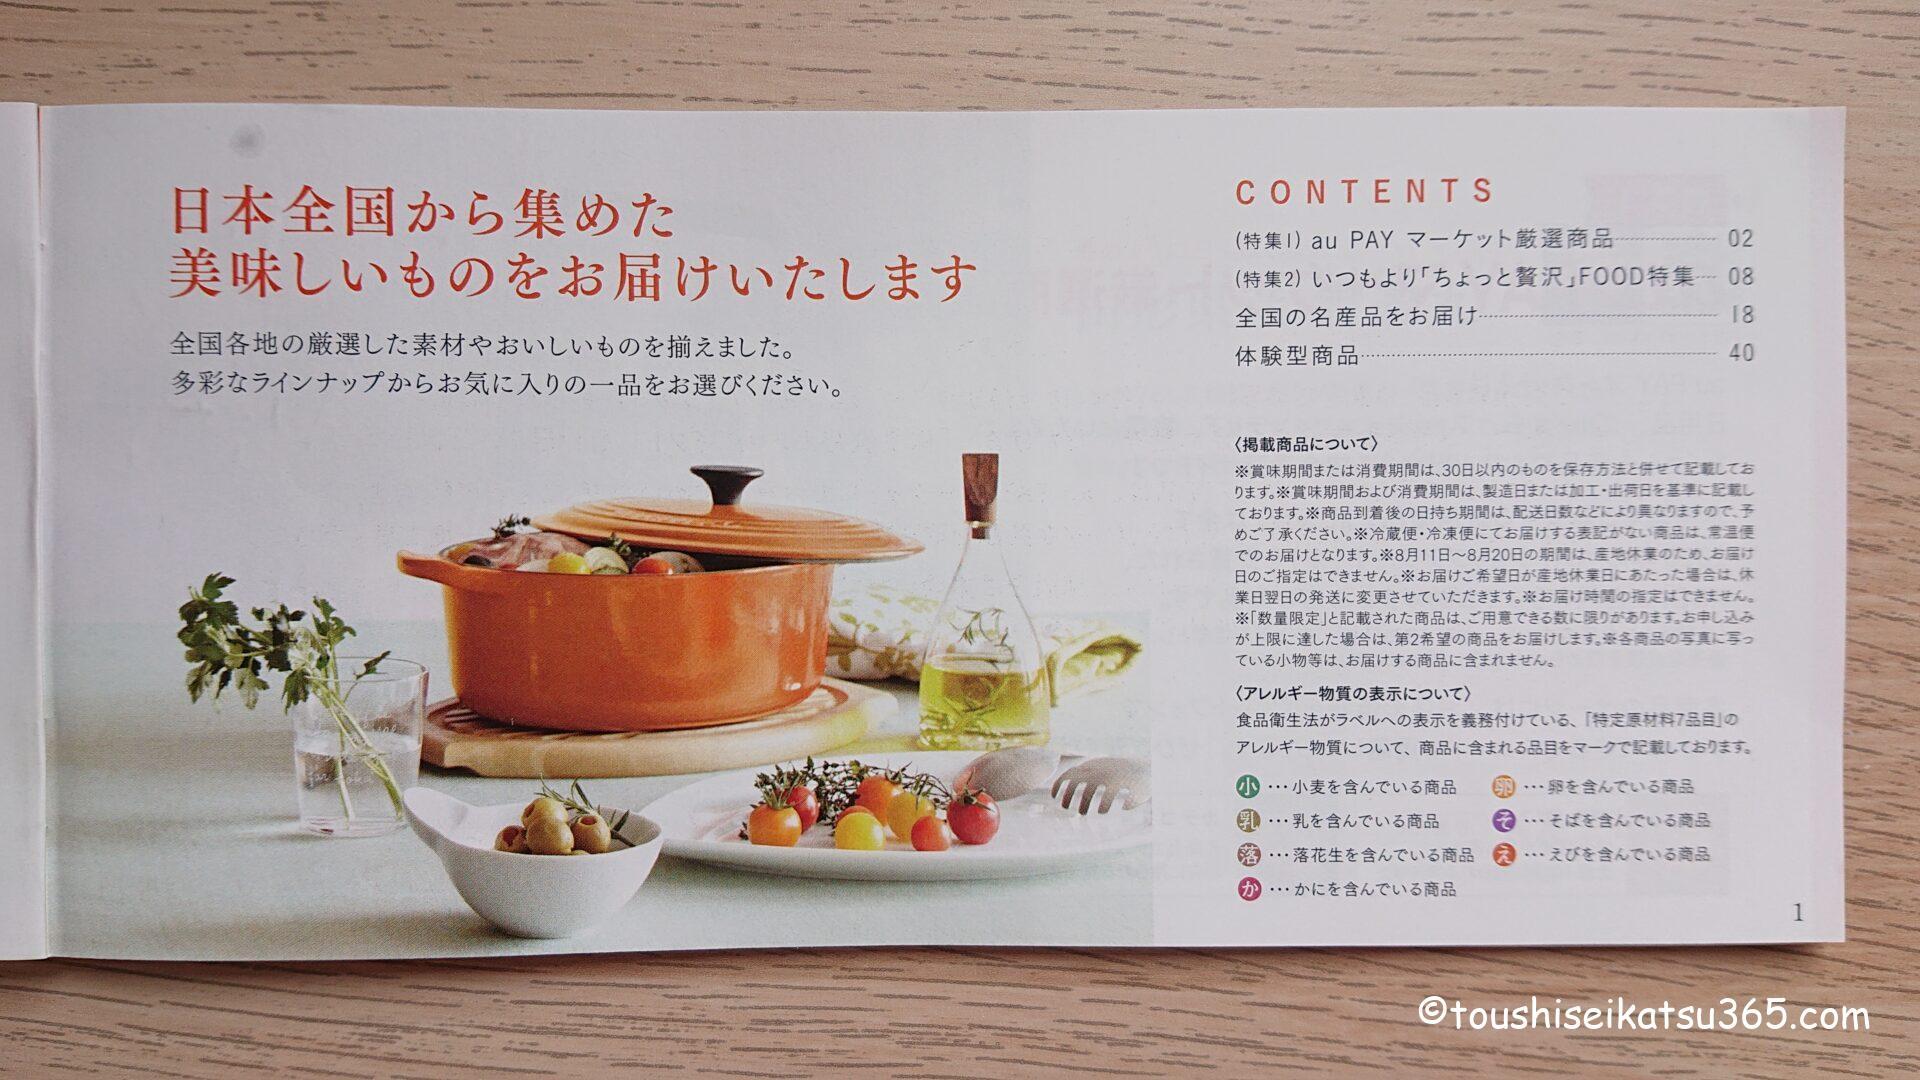 日本全国から集めた美味しいものをお届けいたします